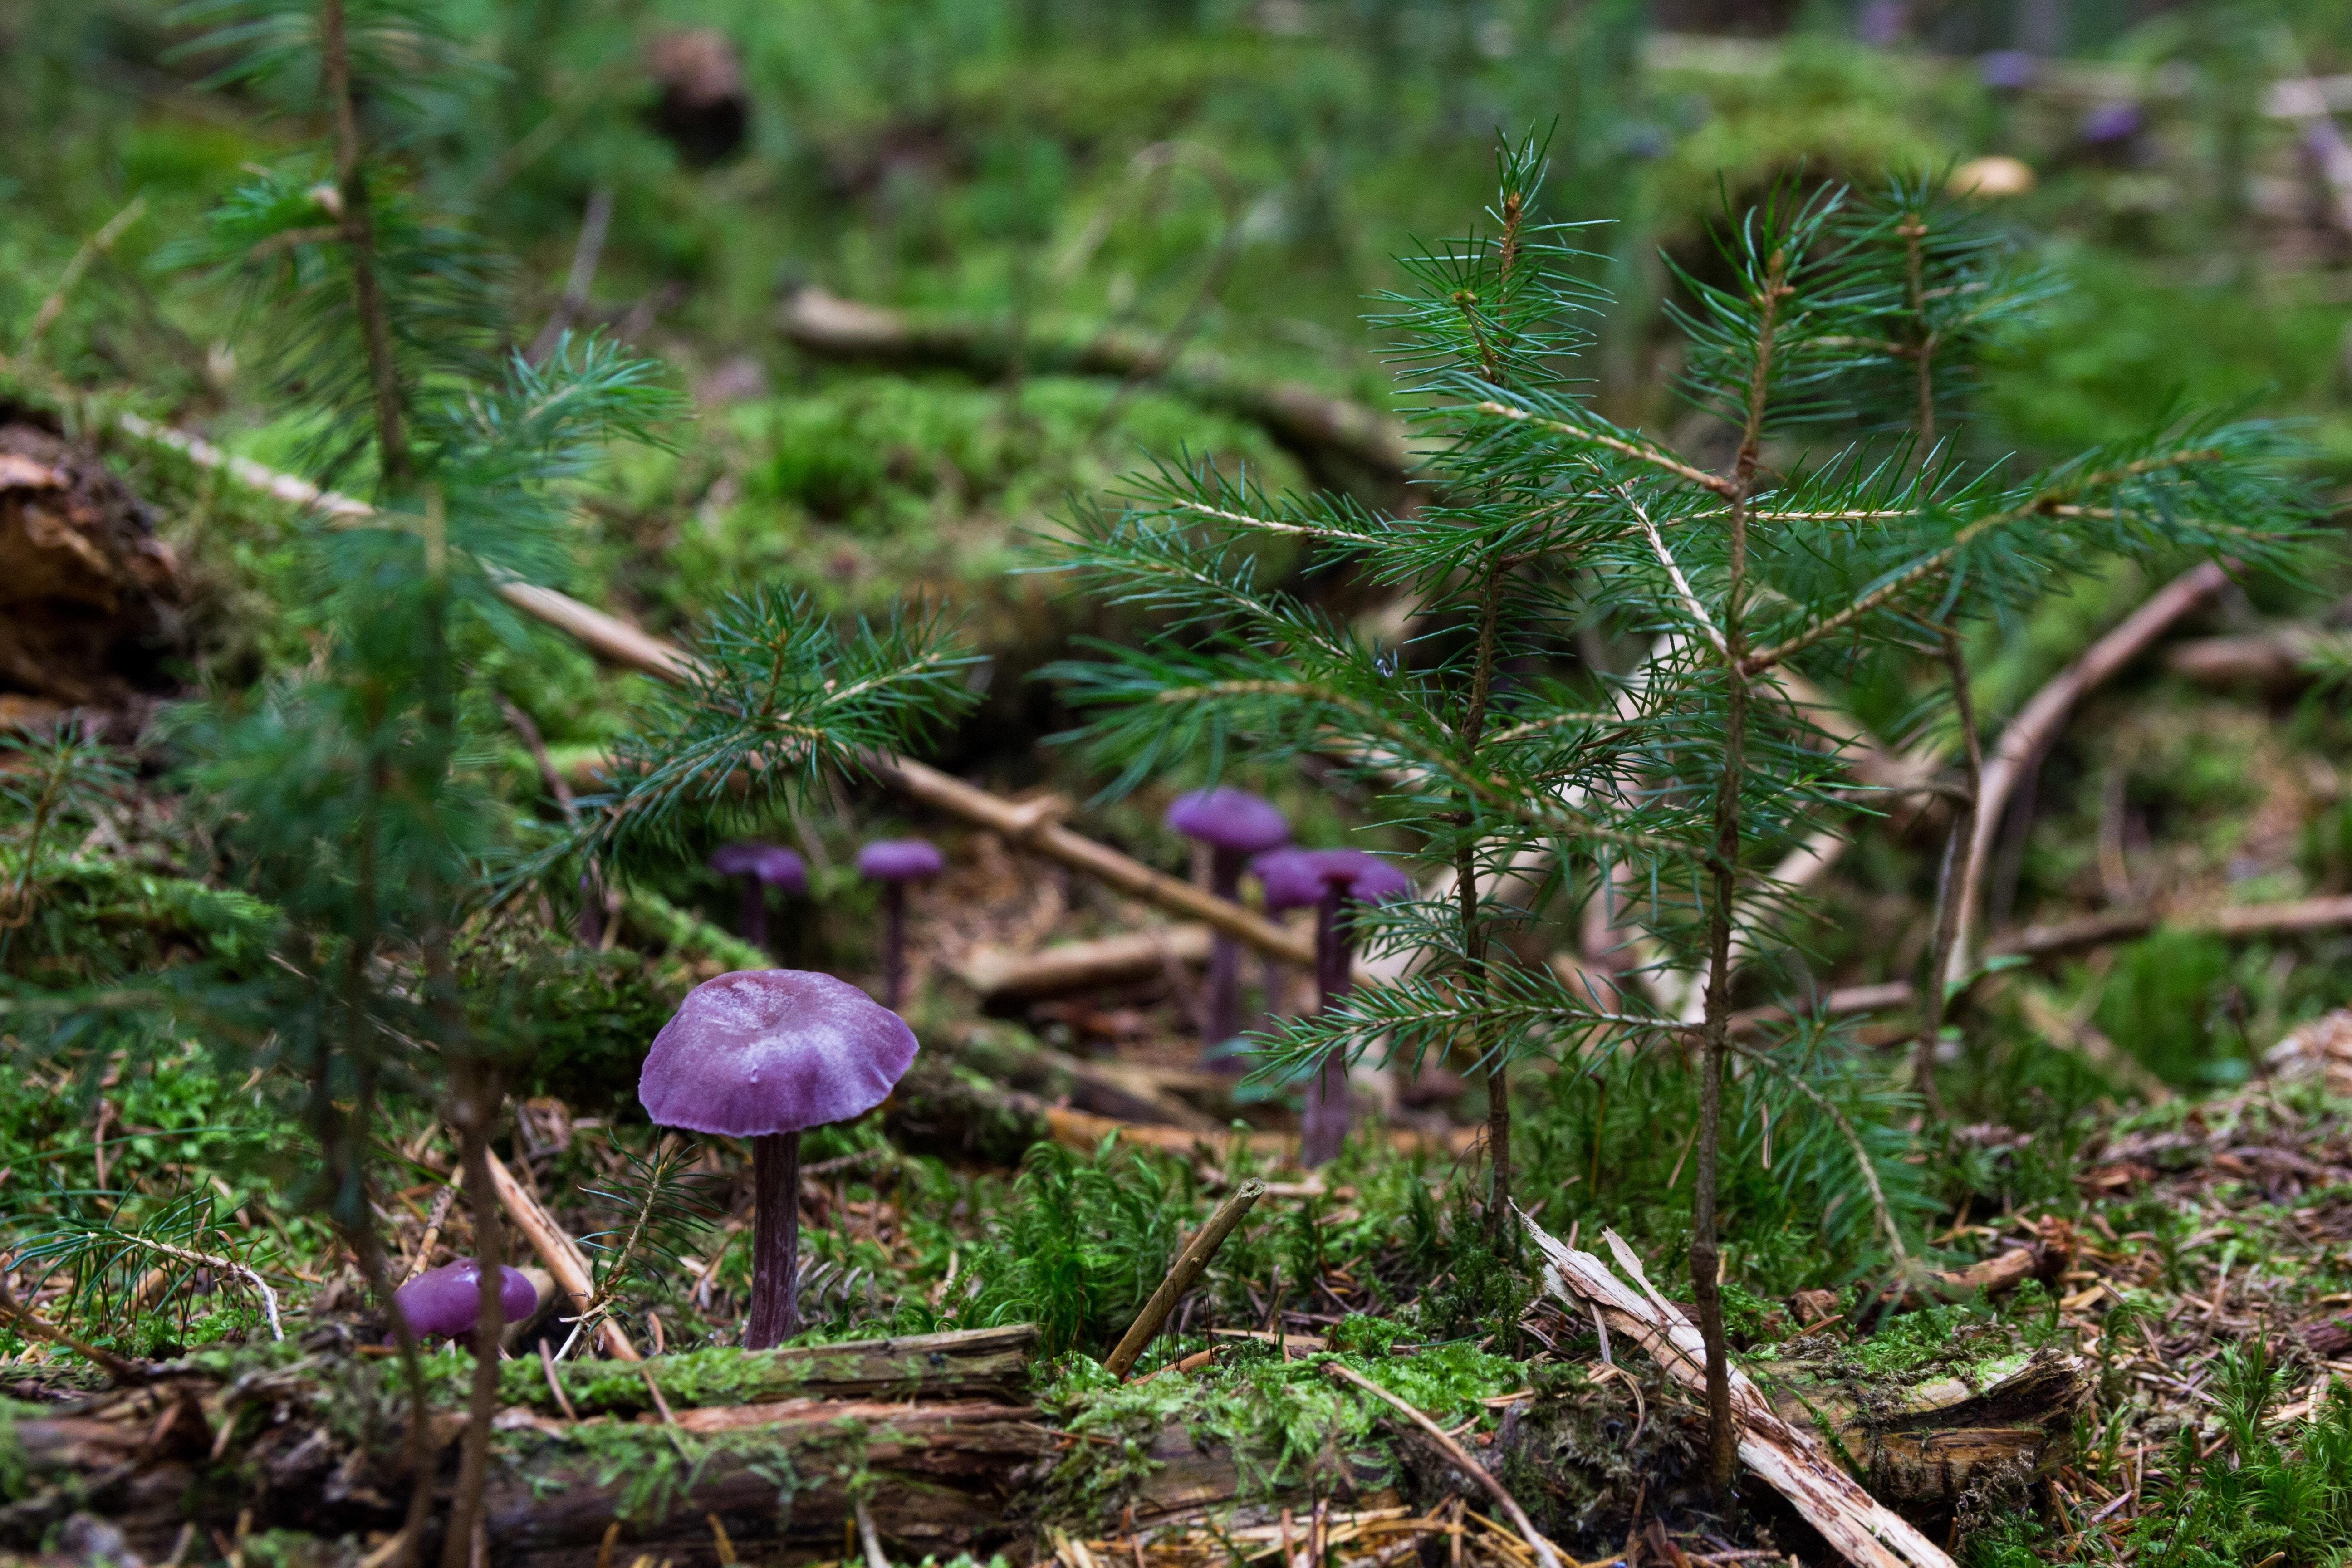 Purple mushrooms on ground photo